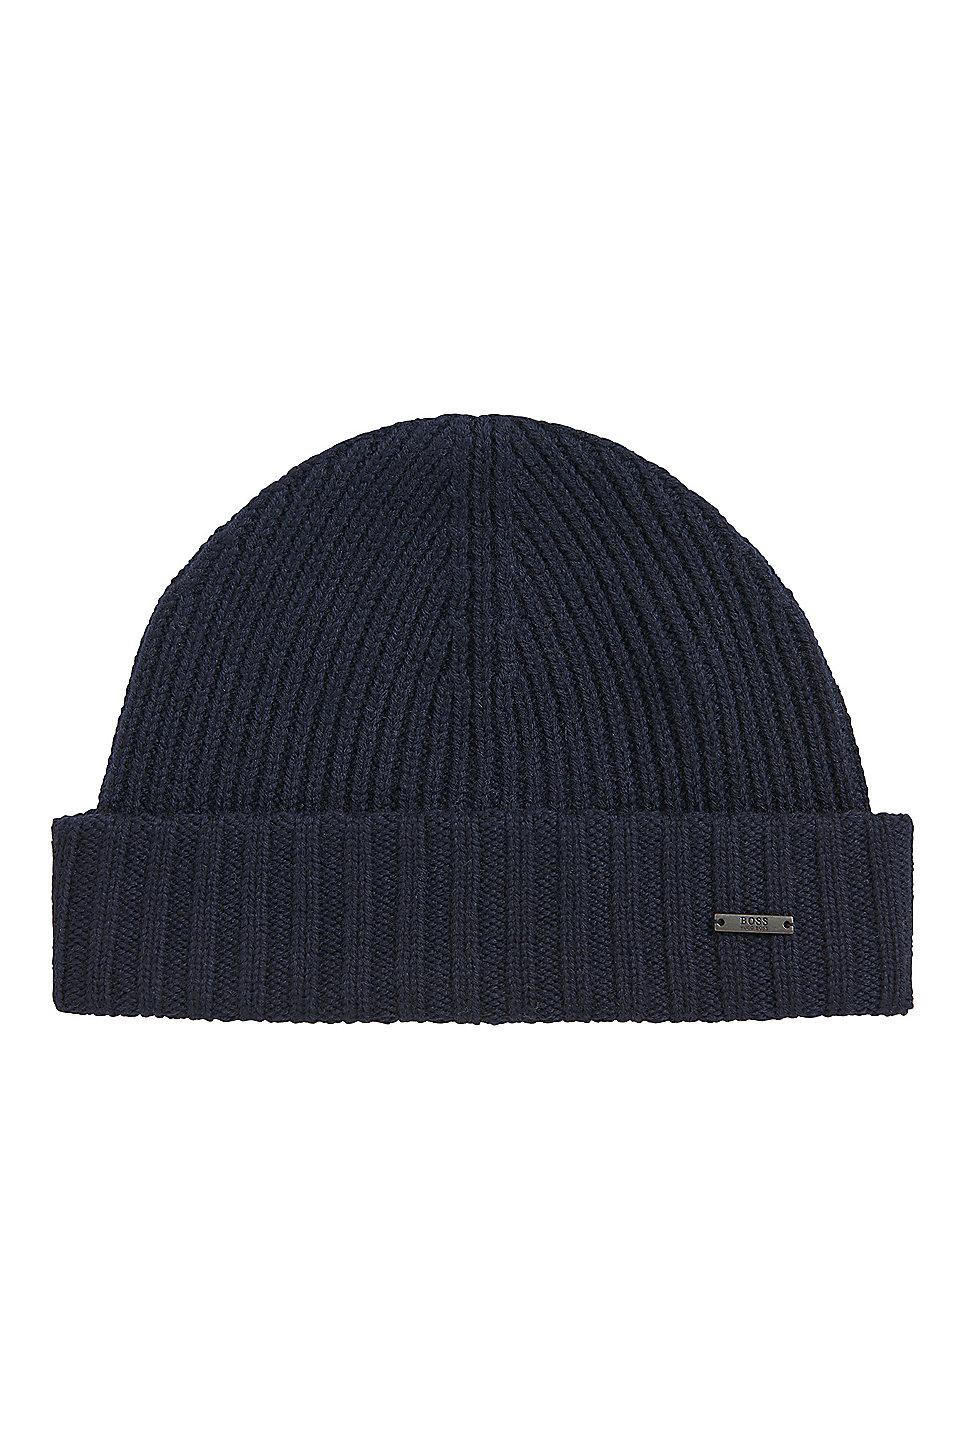 BOSS - Virgin Wool Beanie  670fe482d364